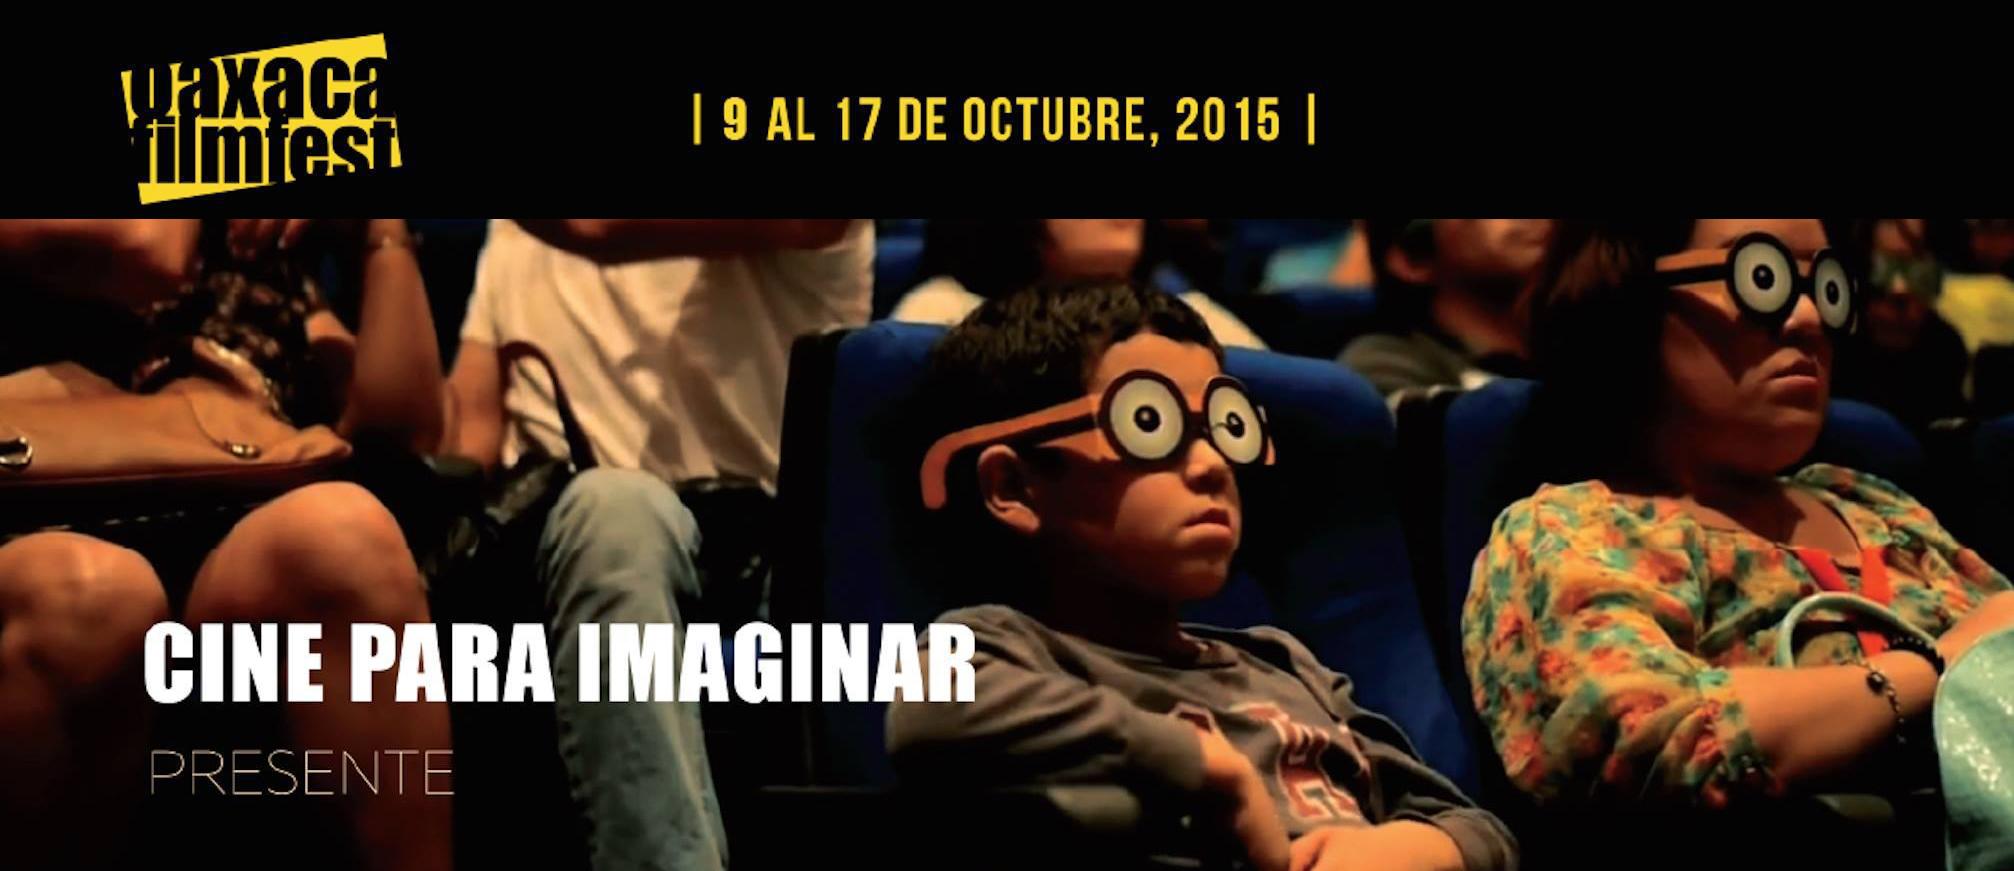 Invitacion al Oaxaca Filmfest 2015 copy